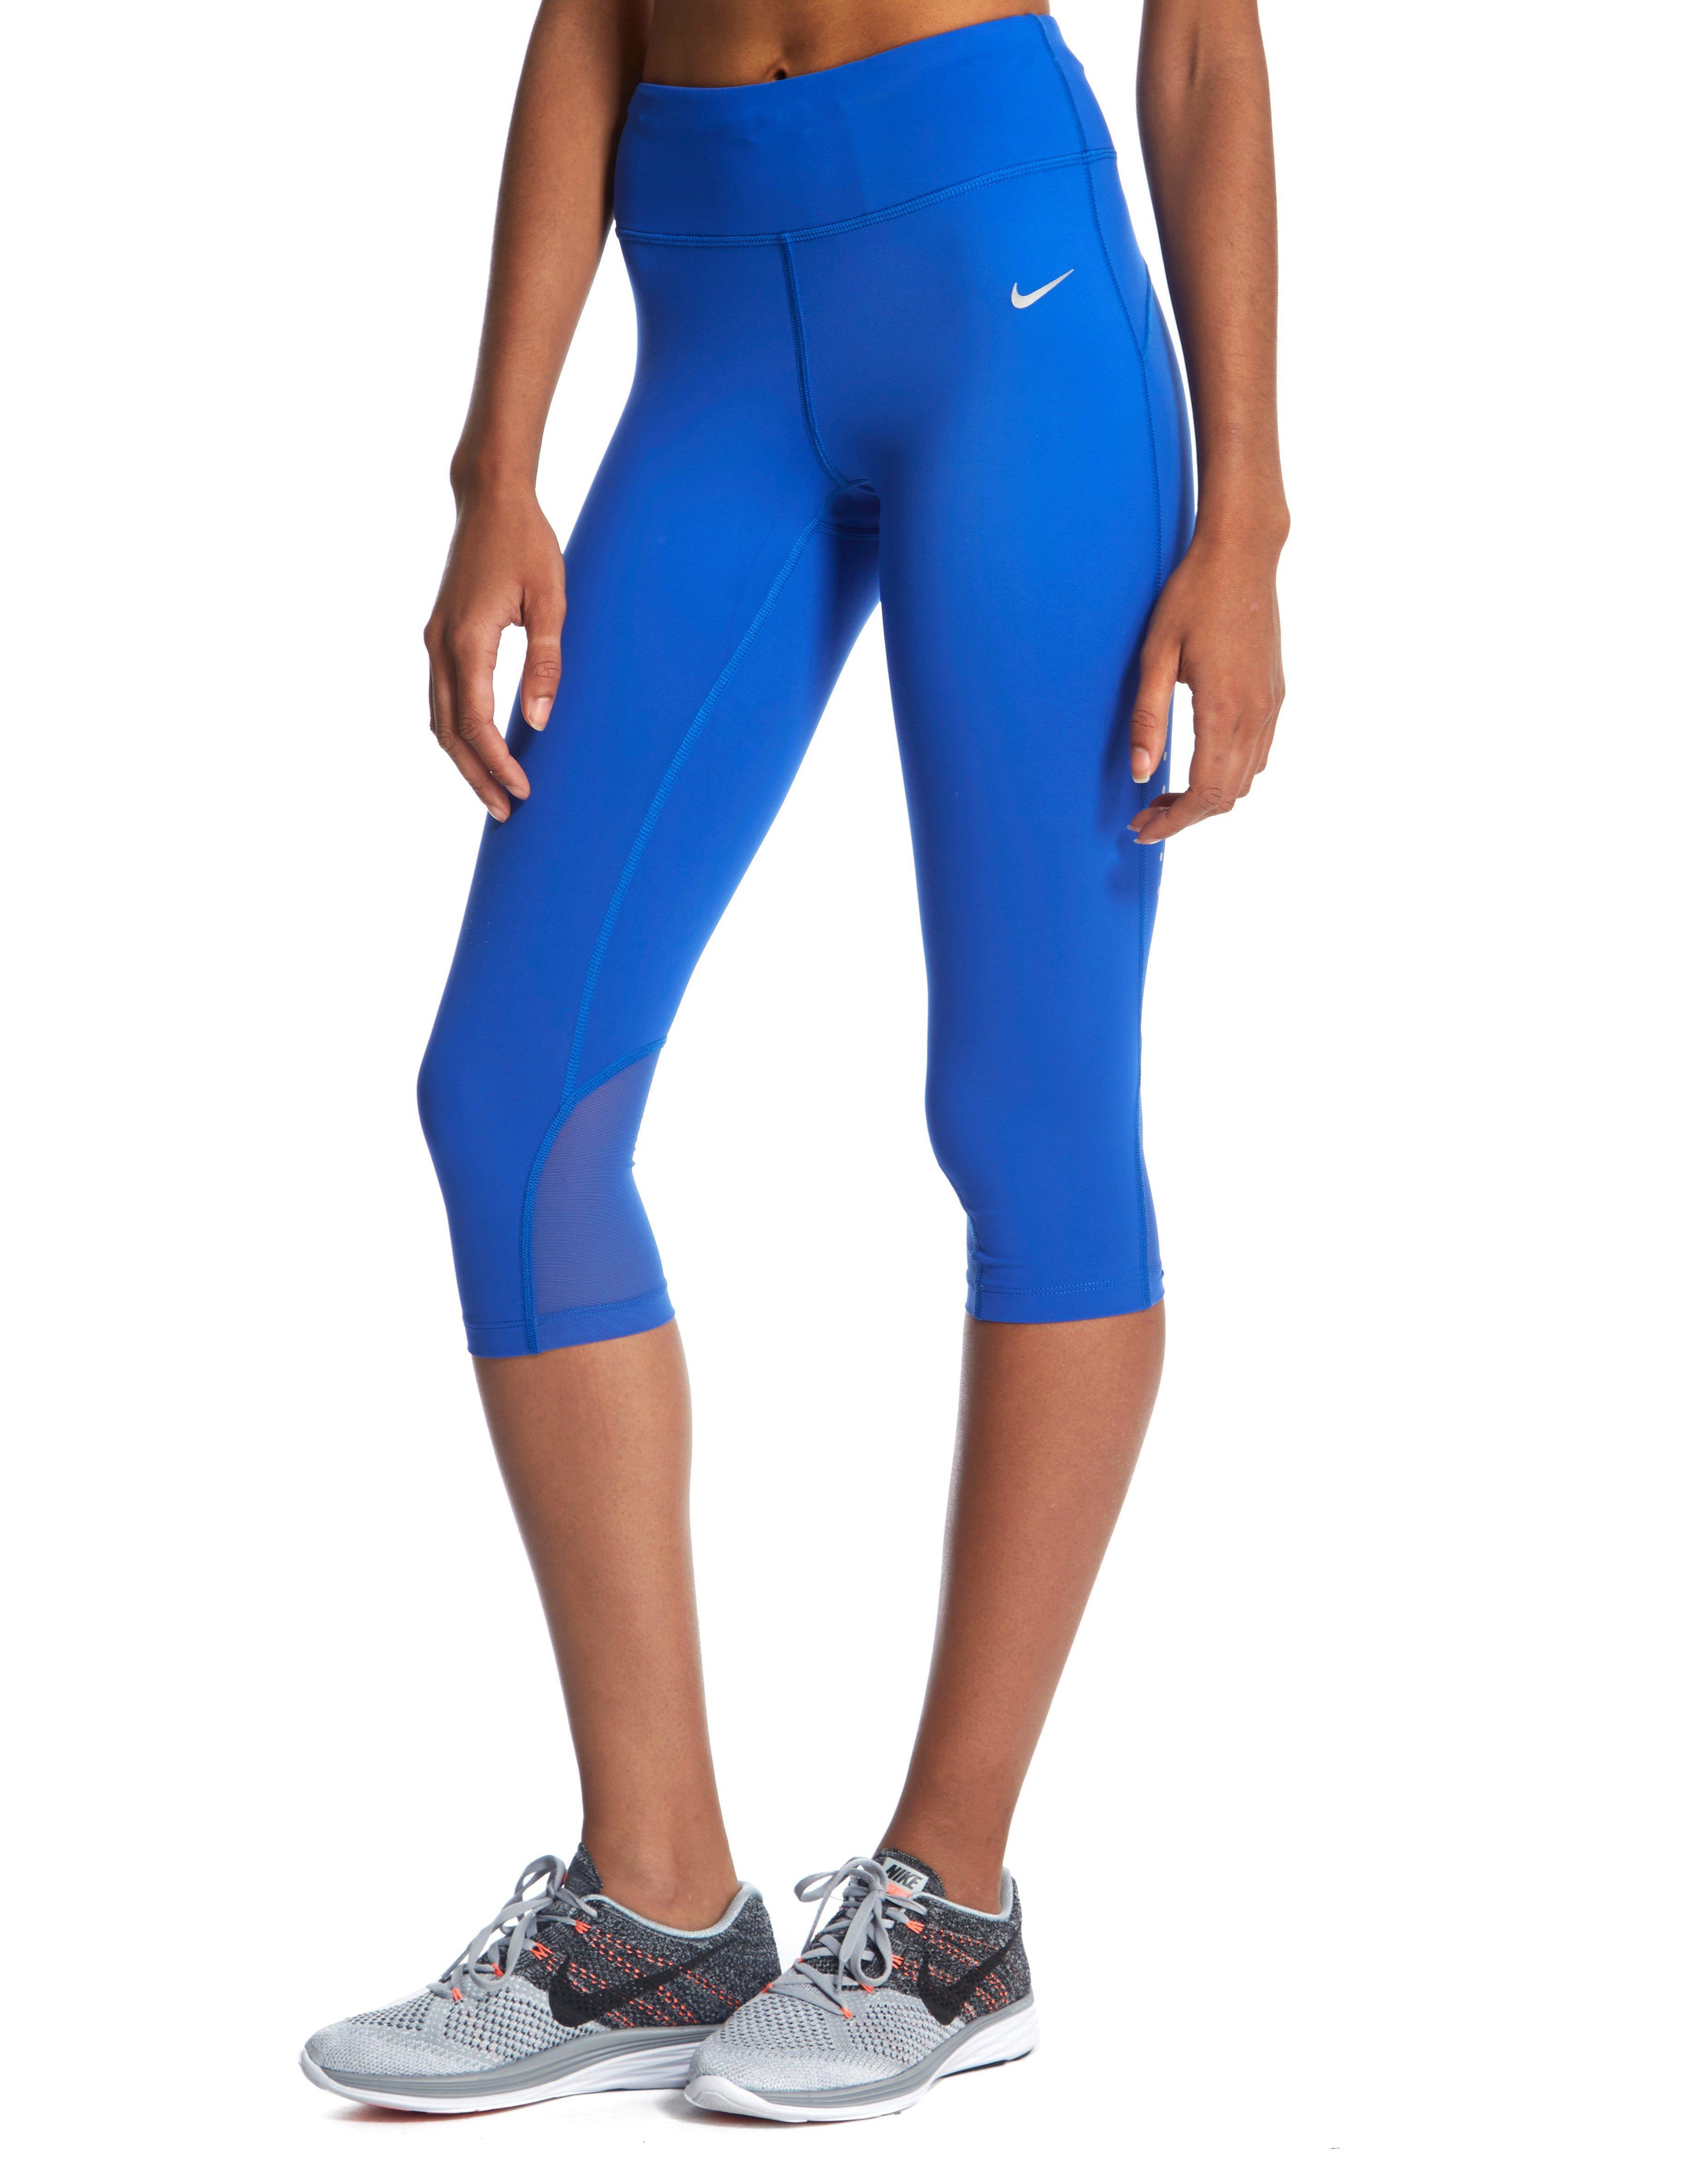 2bd3da78db74cc Nike Epic Lux Capri in Blue - Lyst